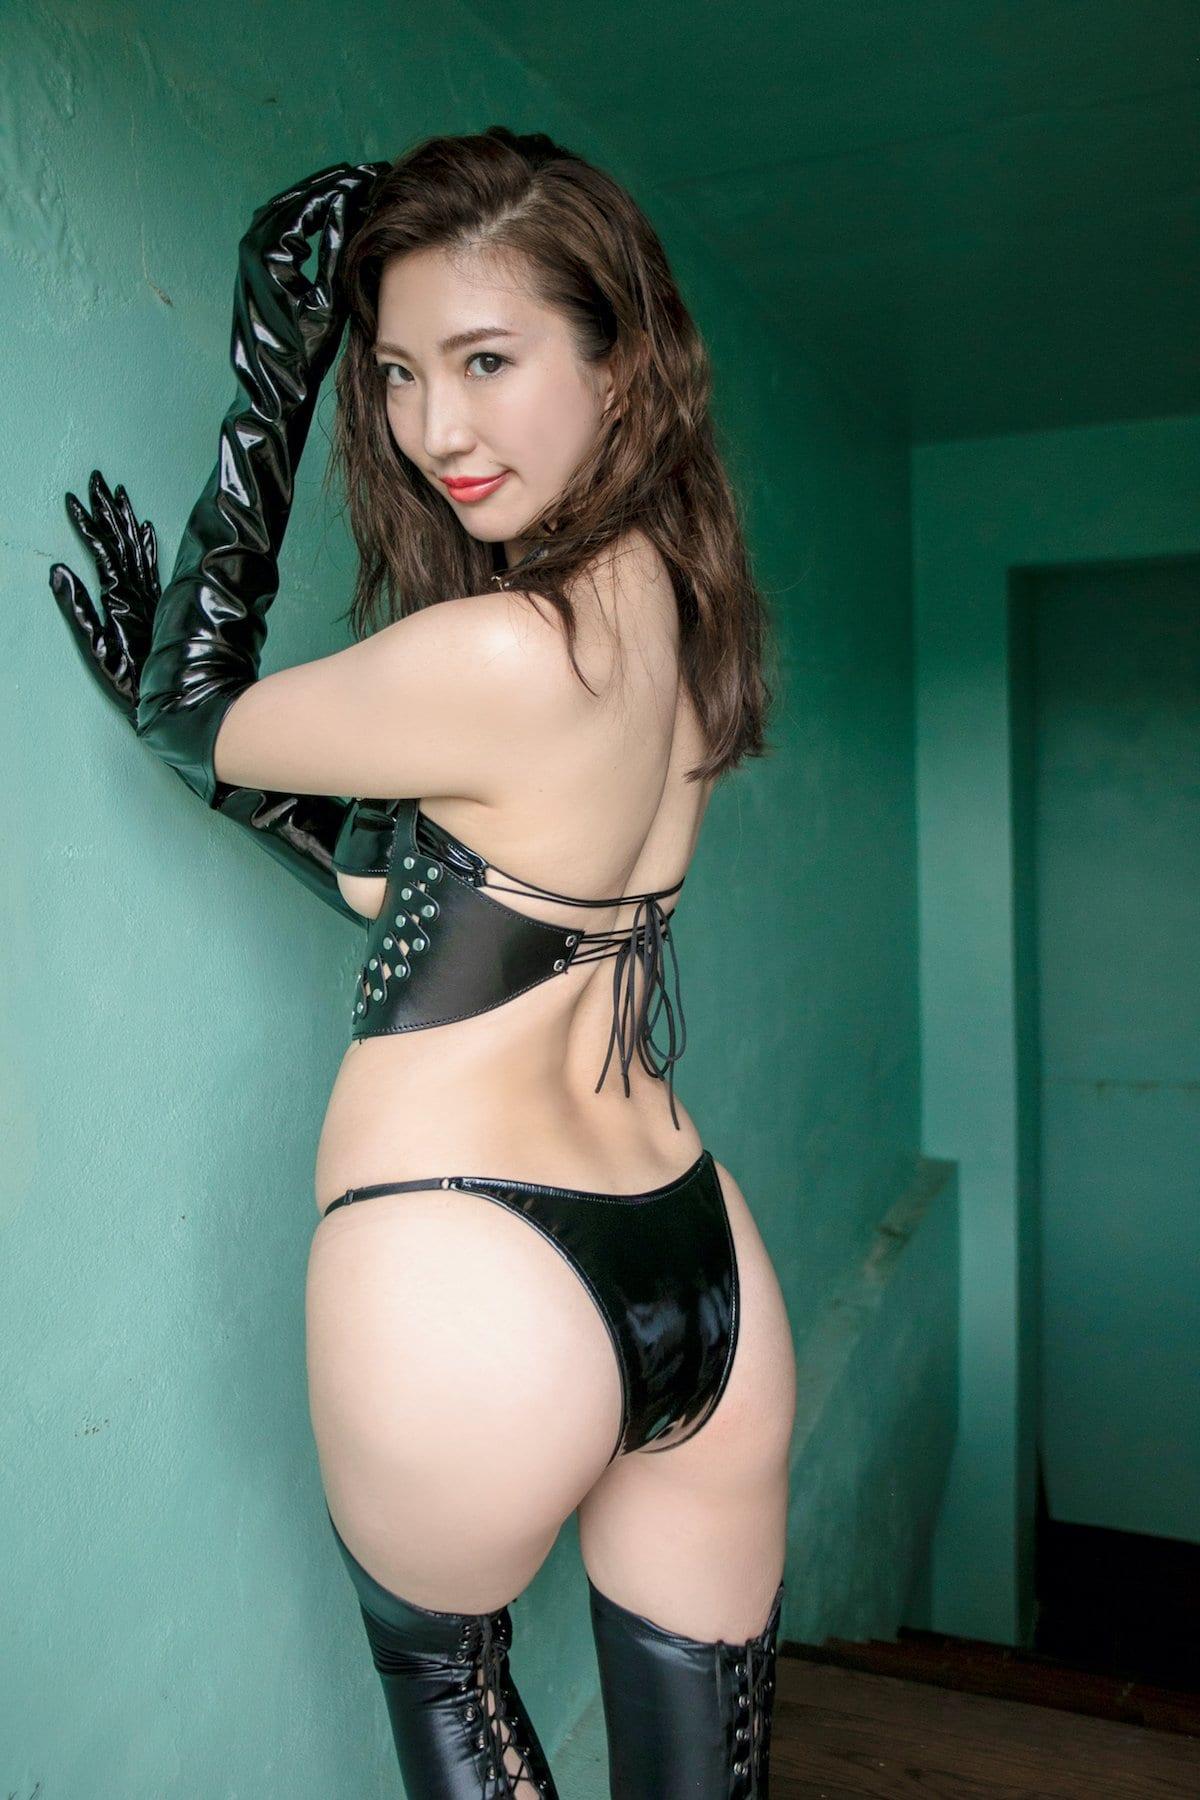 松嶋えいみ「きれいなお姉さん」洗練された神ボディ【写真12枚】の画像012